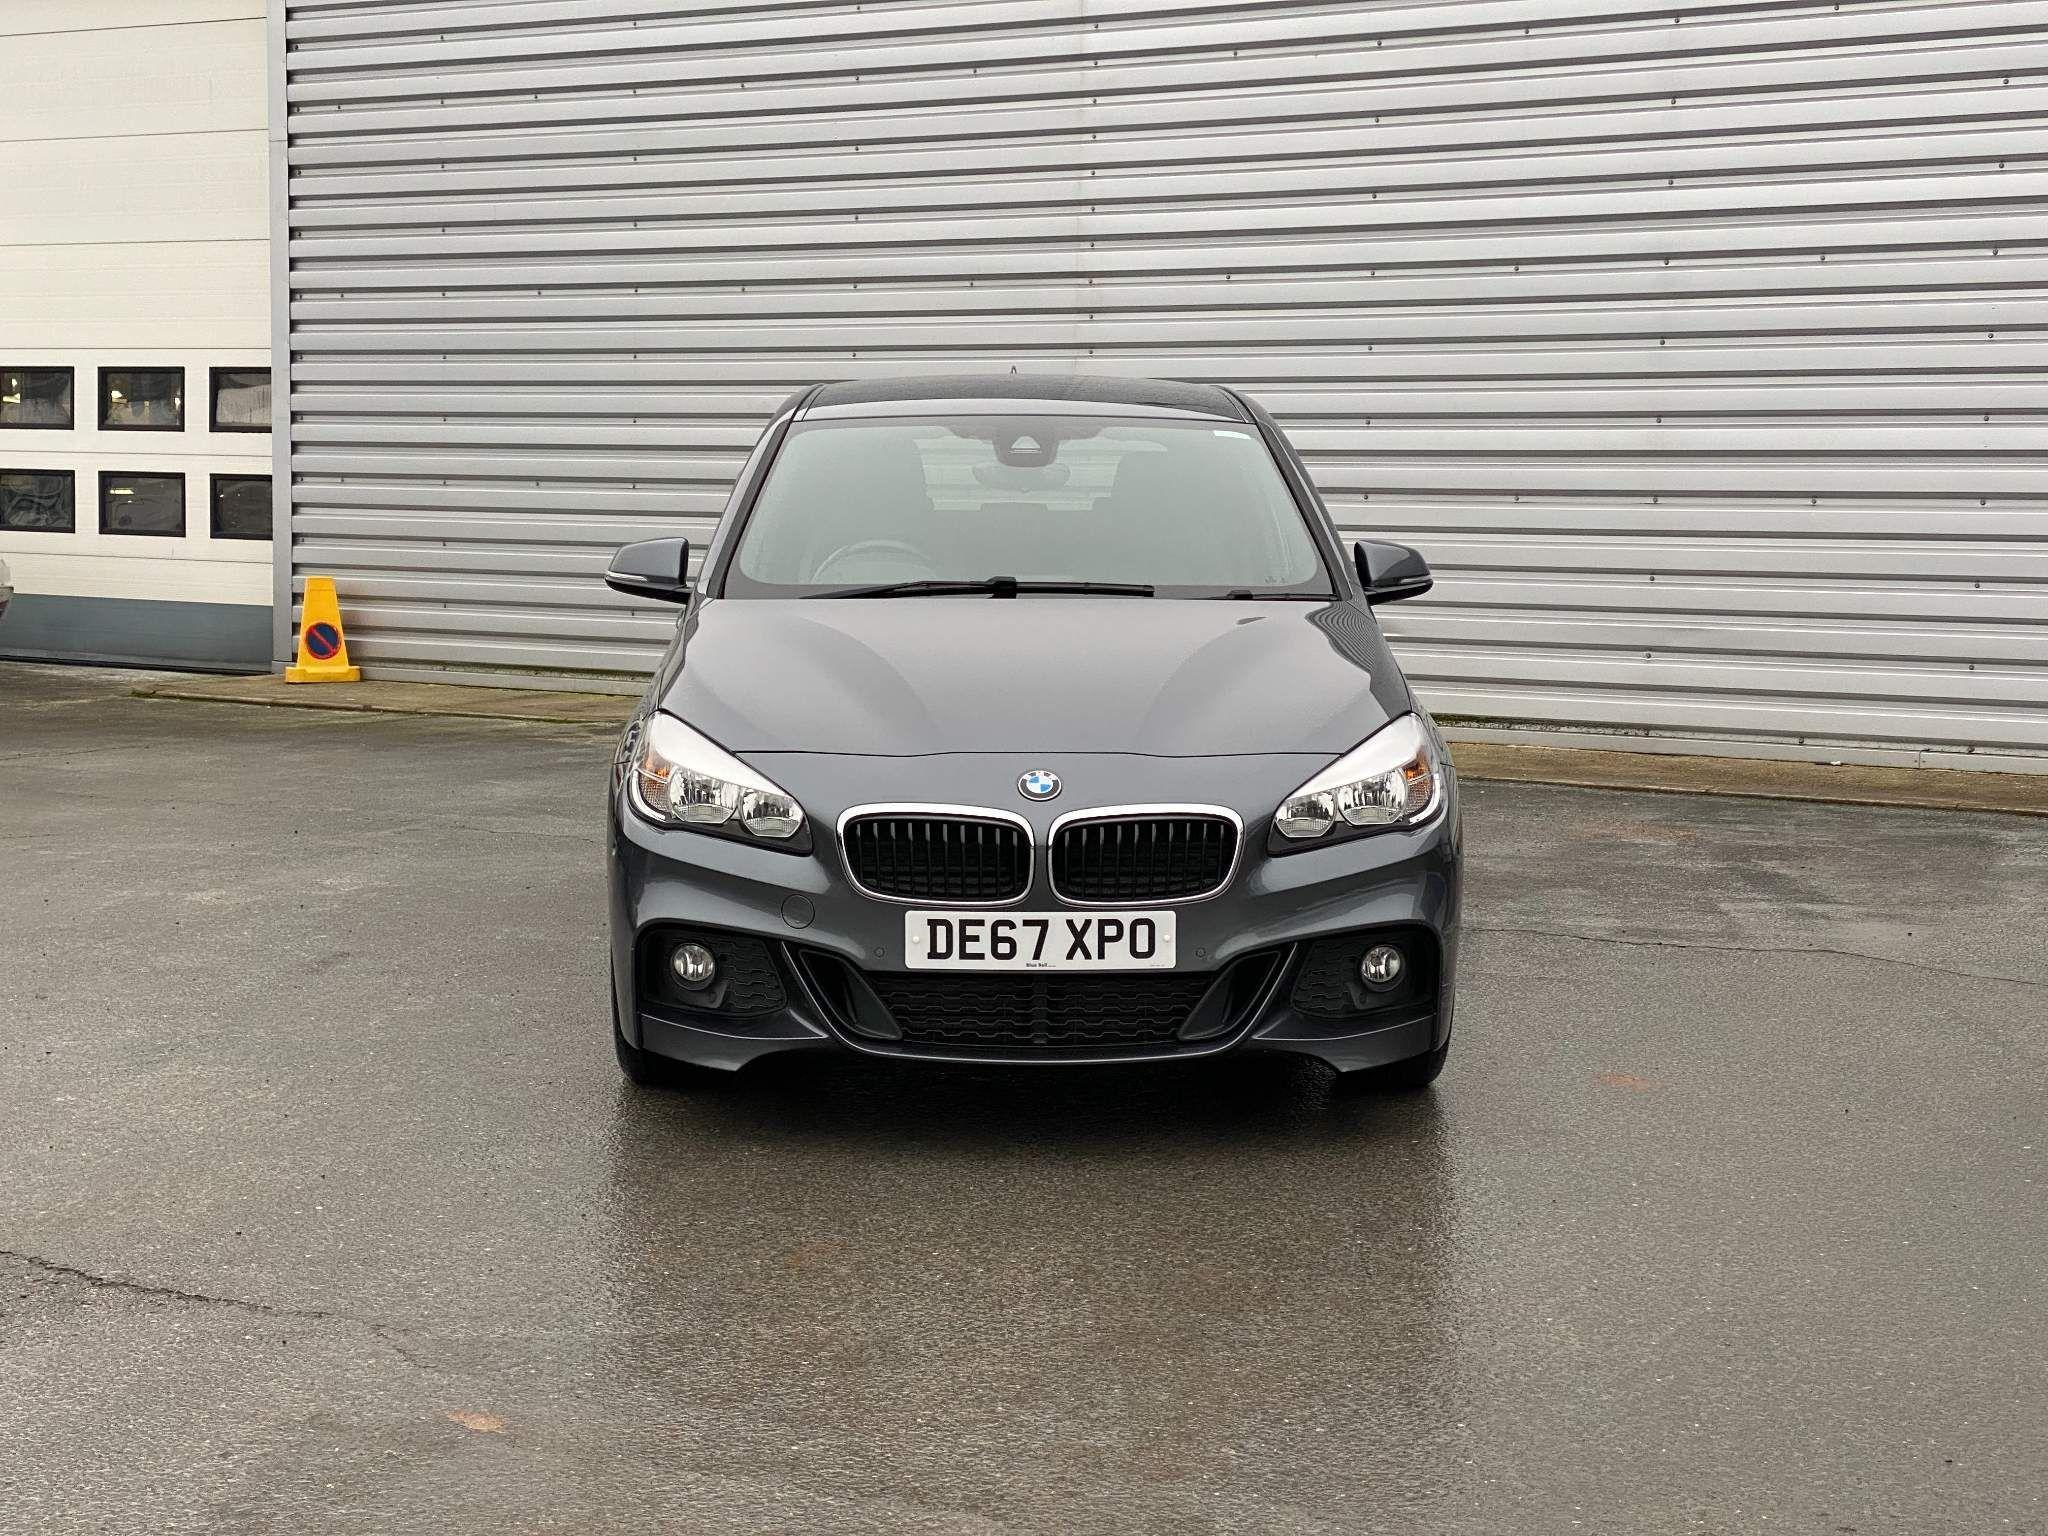 Image 4 - BMW 220d xDrive M Sport Active Tourer (DE67XPO)